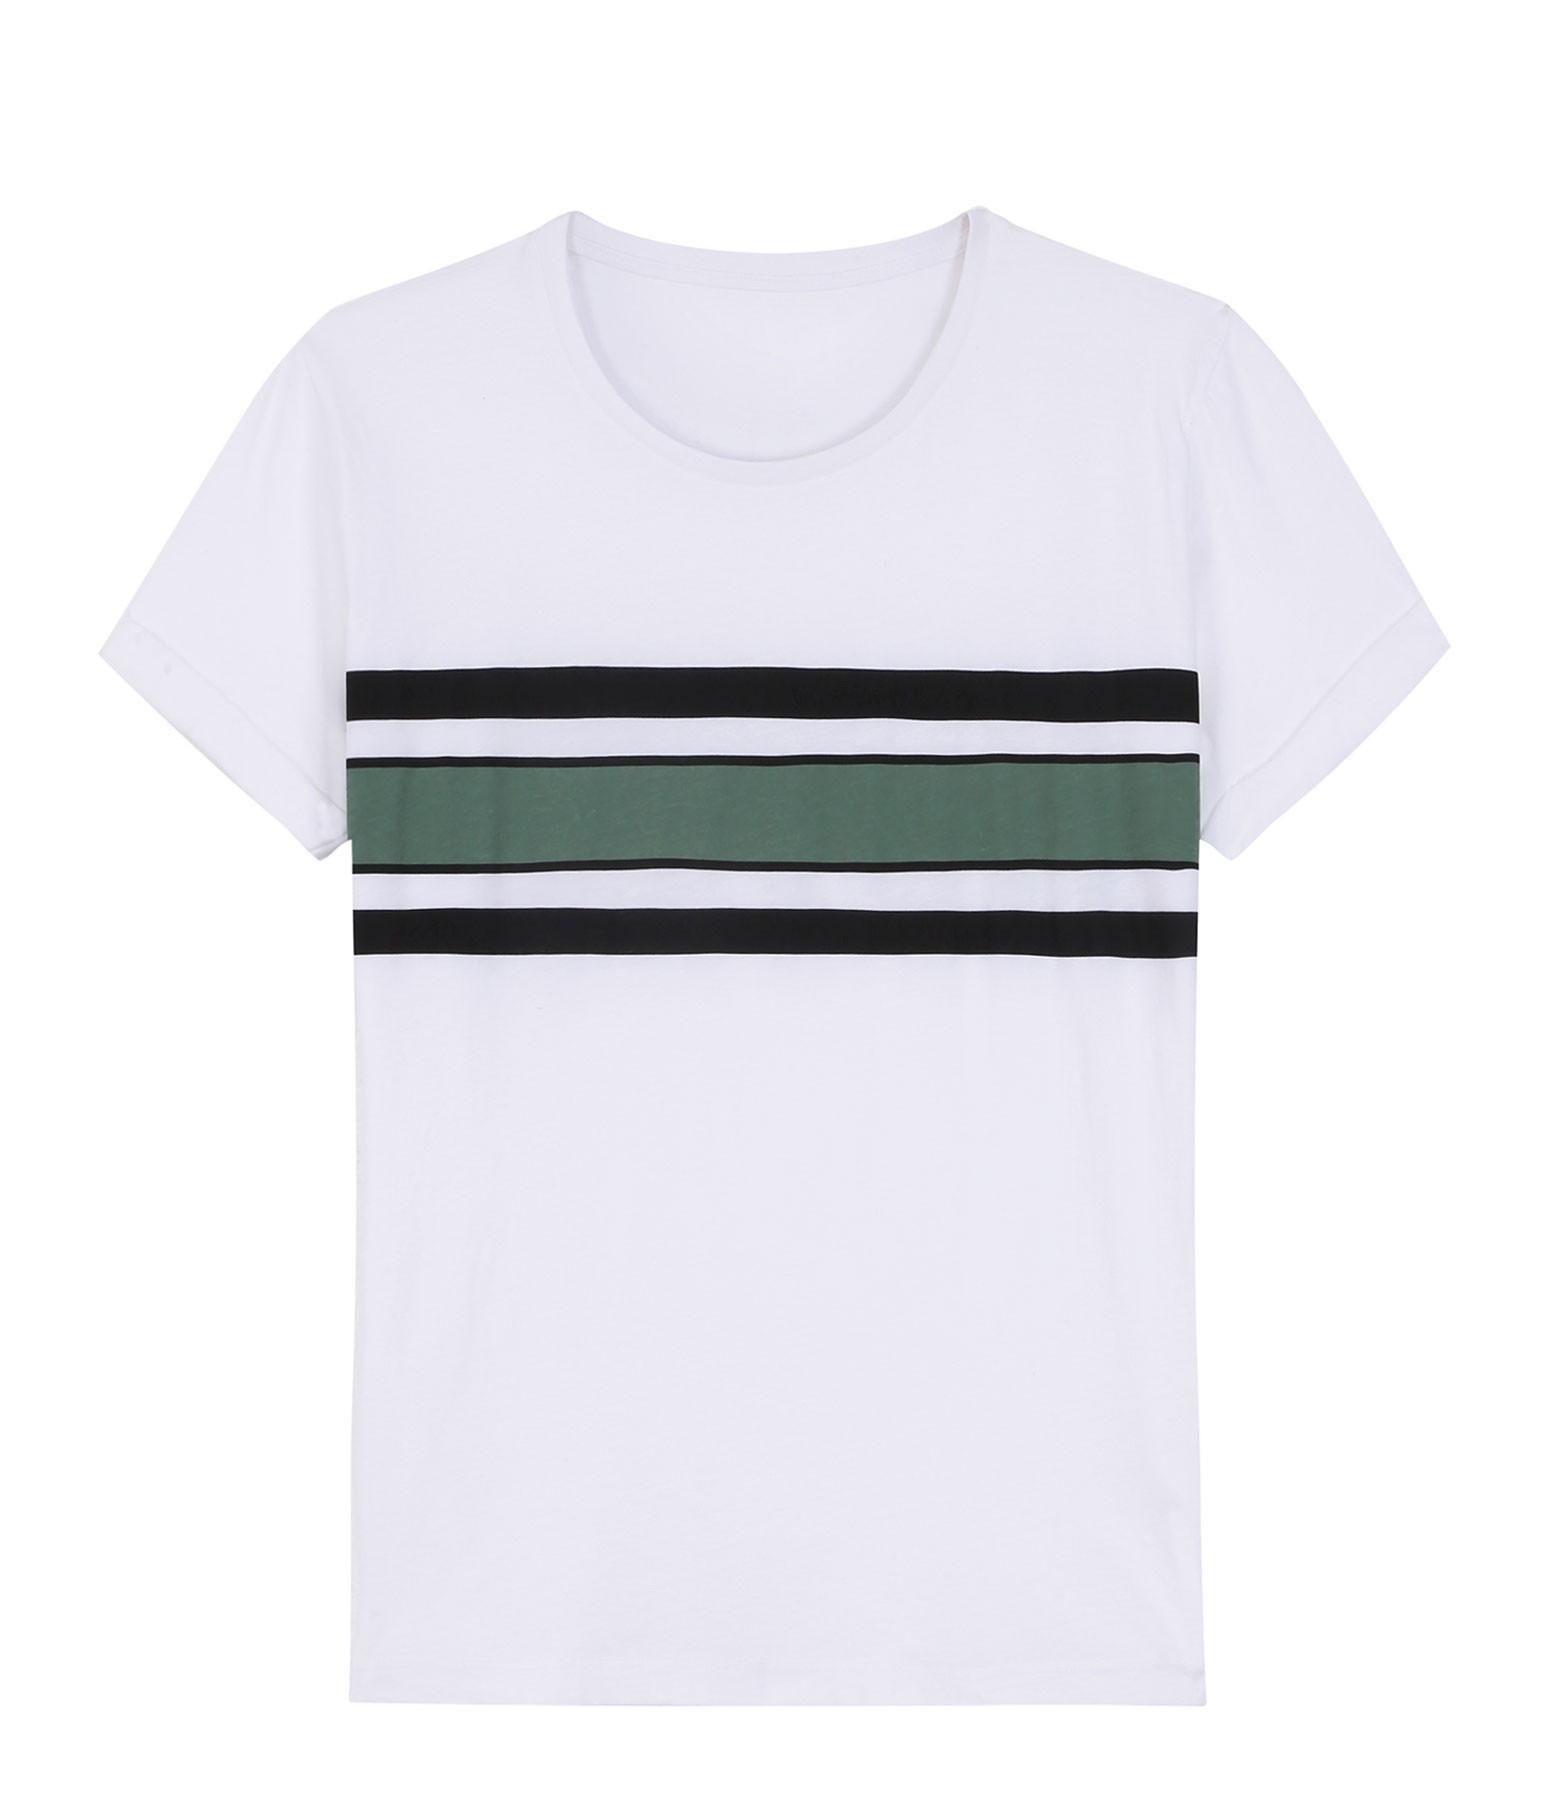 MAISON SARAH LAVOINE - Tee-shirt Air Iconique Amande